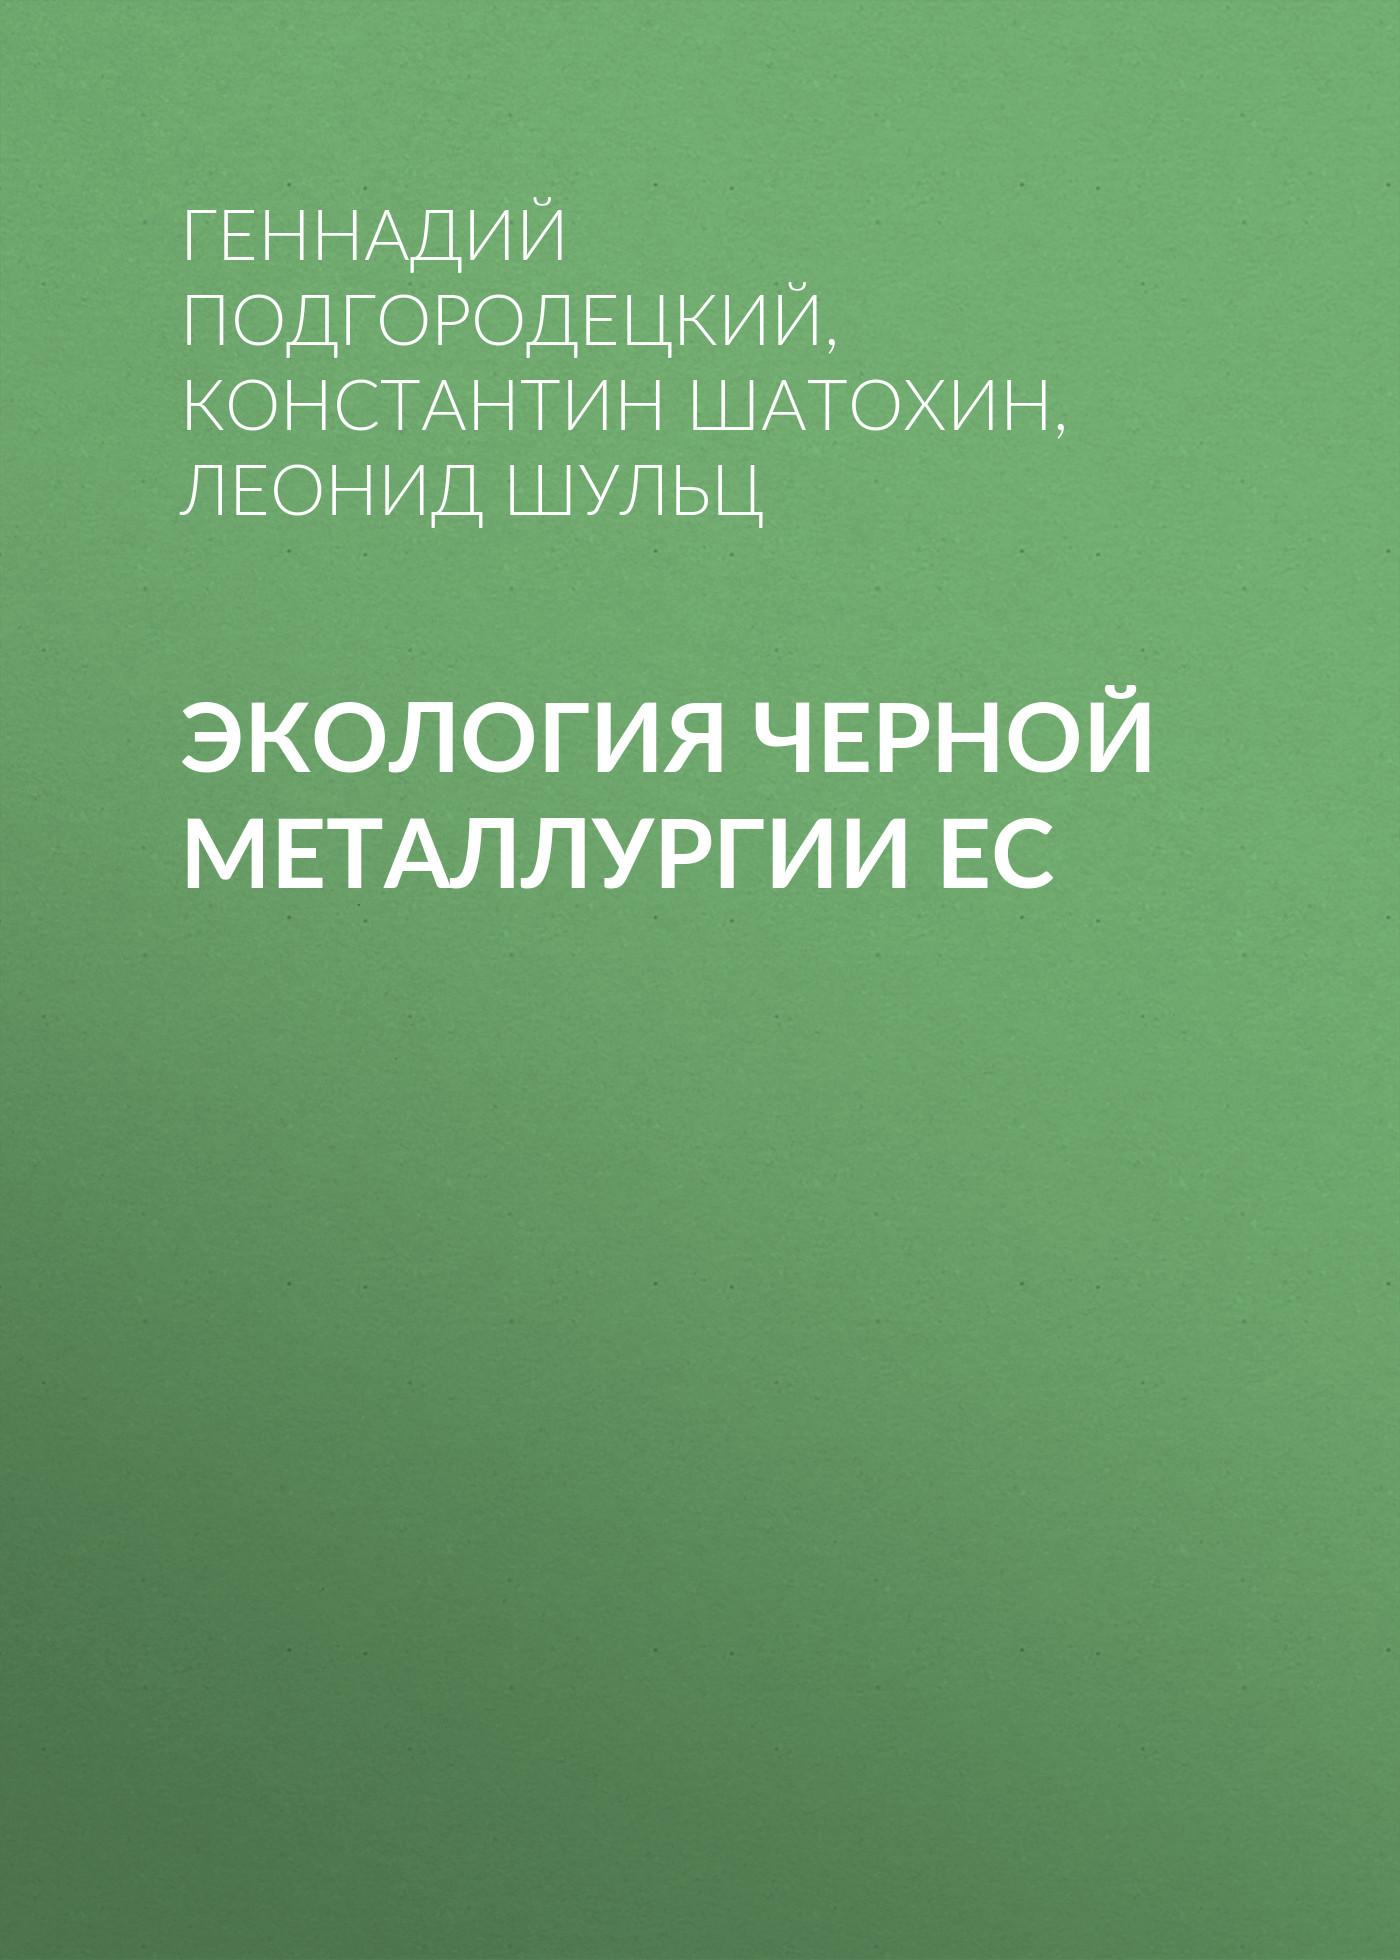 Константин Шатохин Экология черной металлургии ЕС